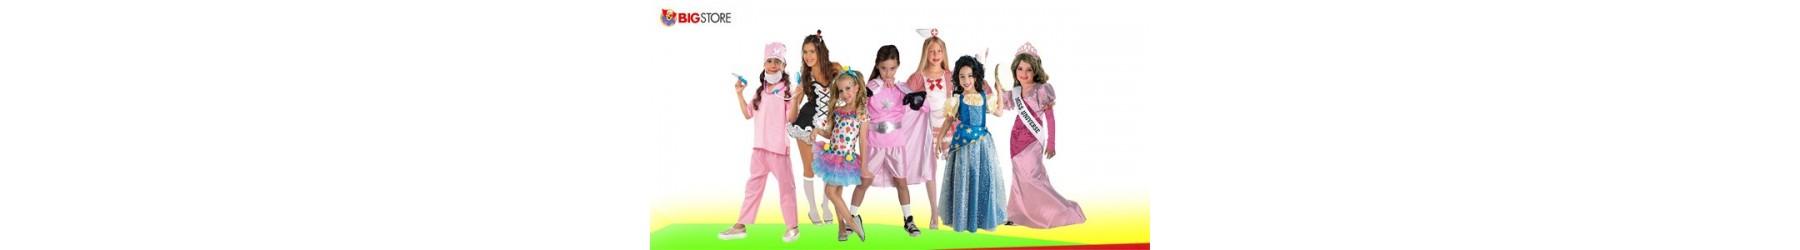 Αποκριάτικες στολές σε διάφορα αποκριάτικα θέματα για κορίτσια